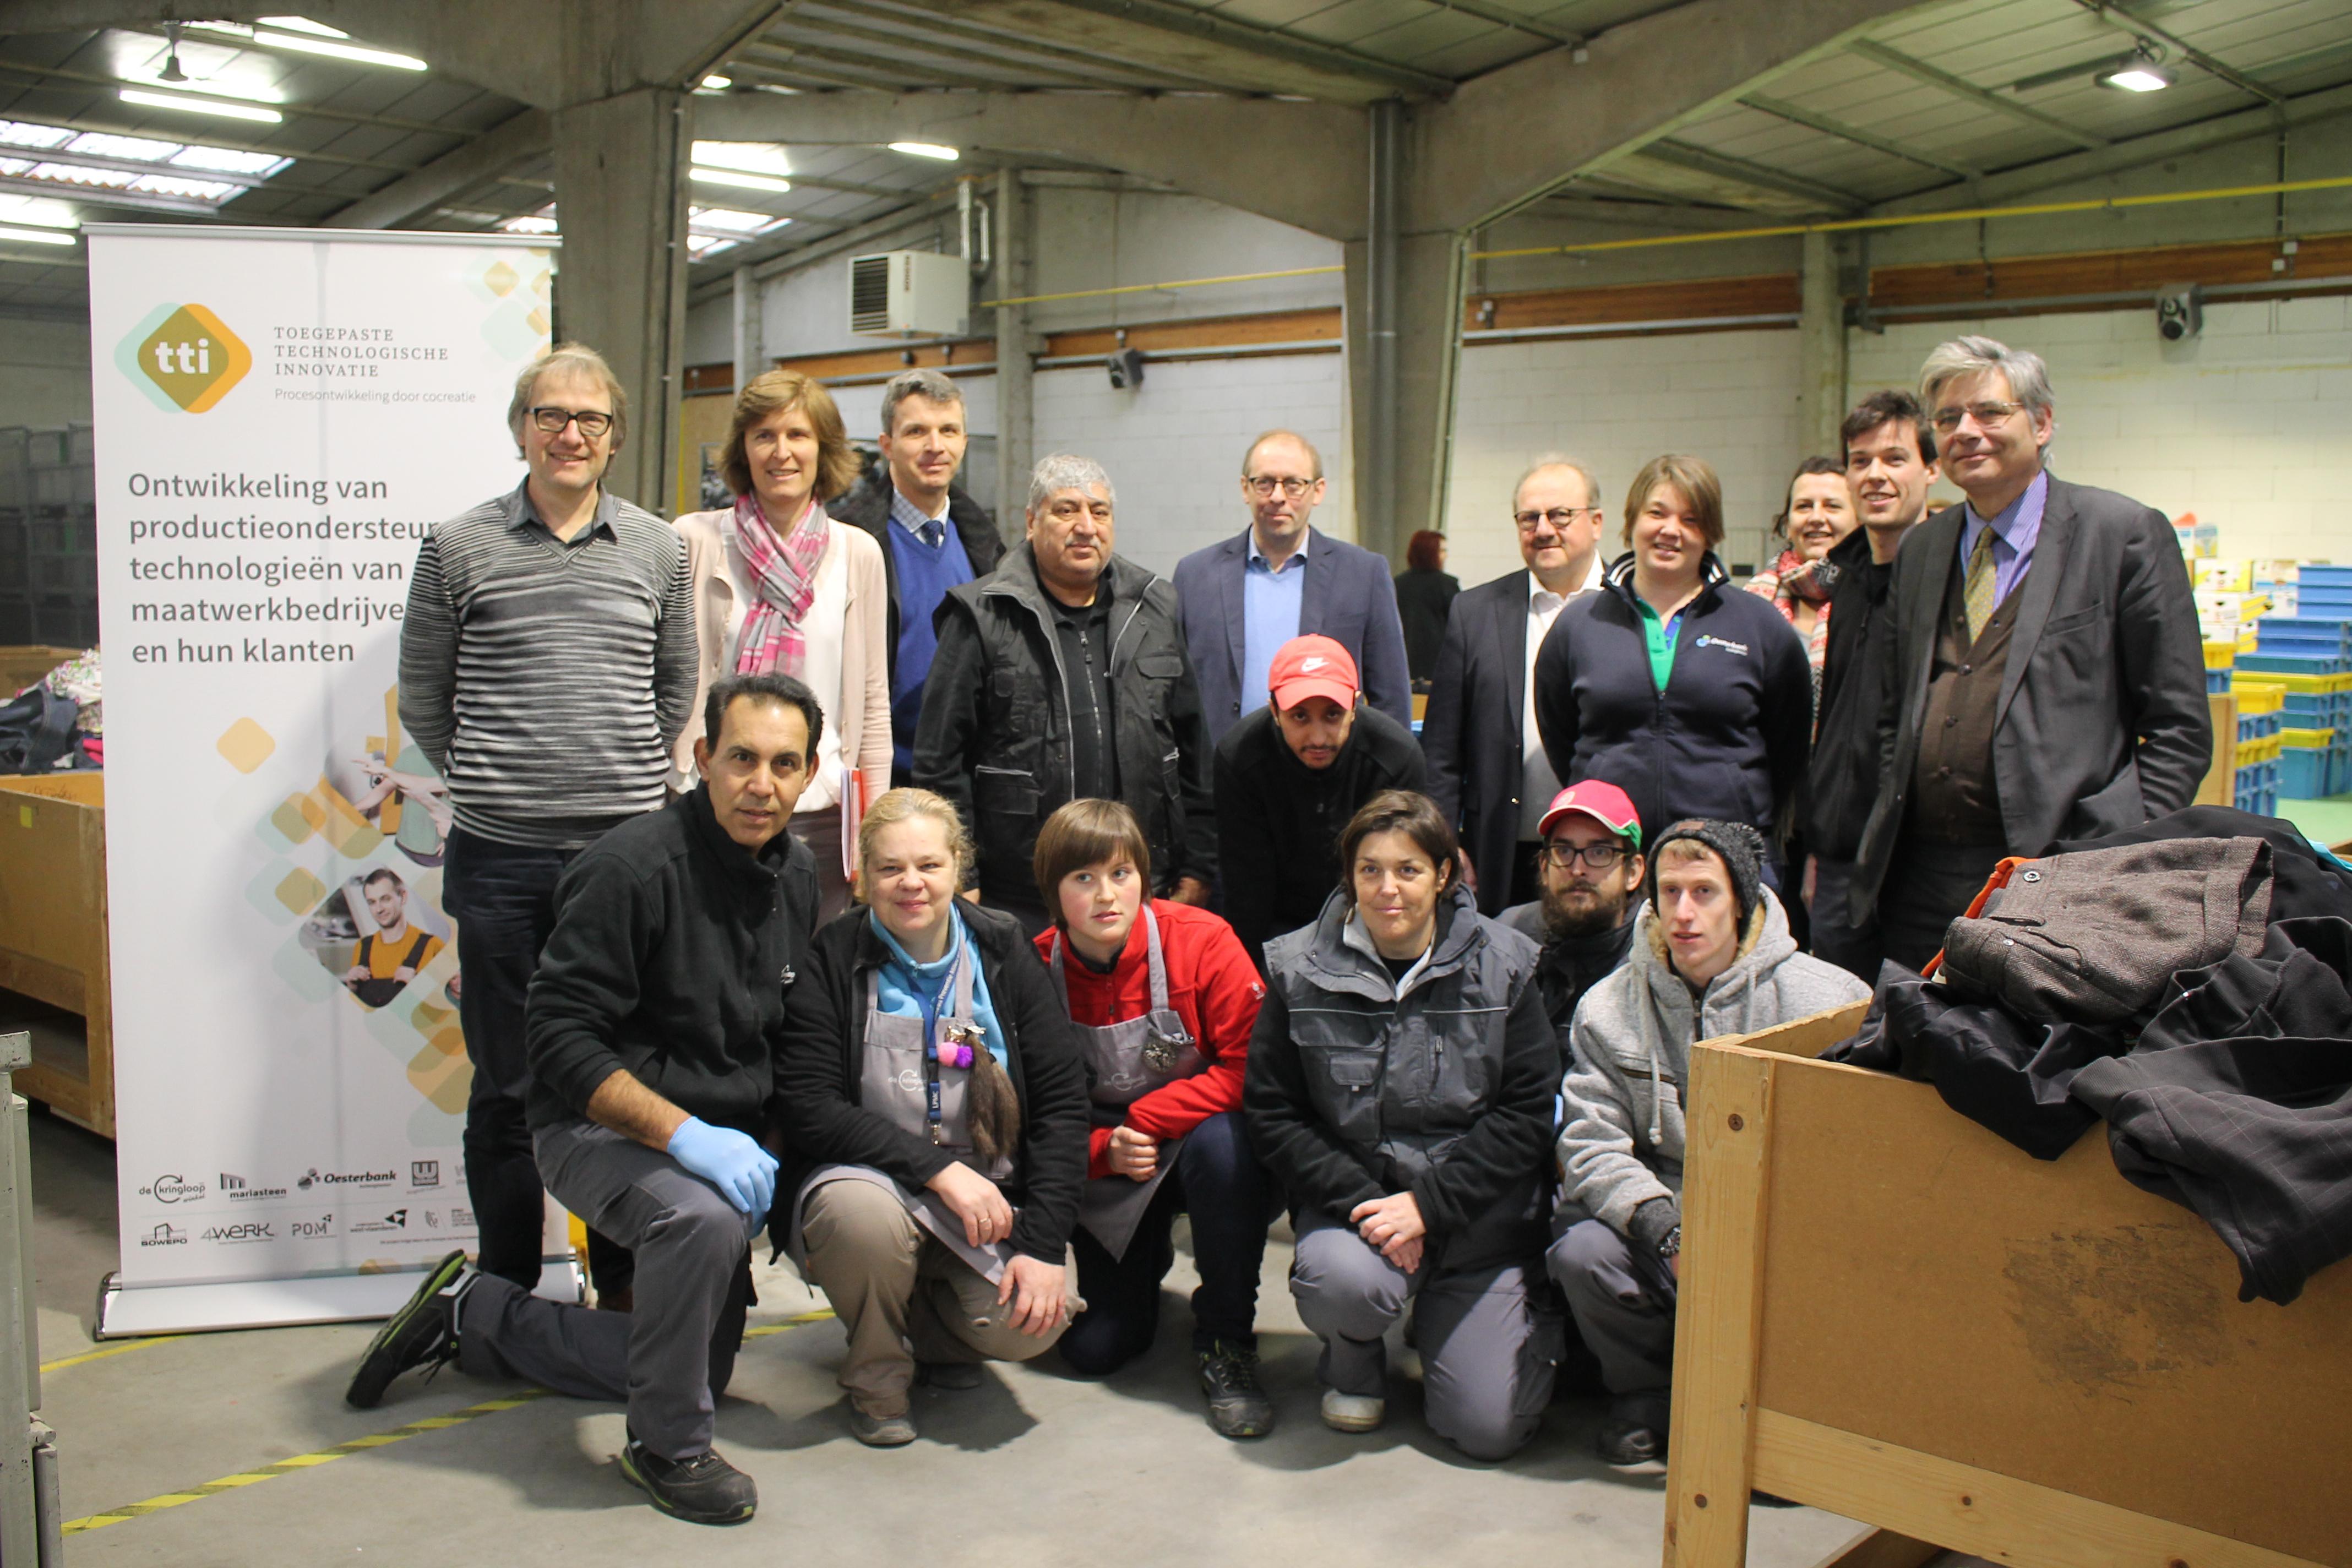 Technologische innovatie in Westvlaamse maatwerkbedrijven